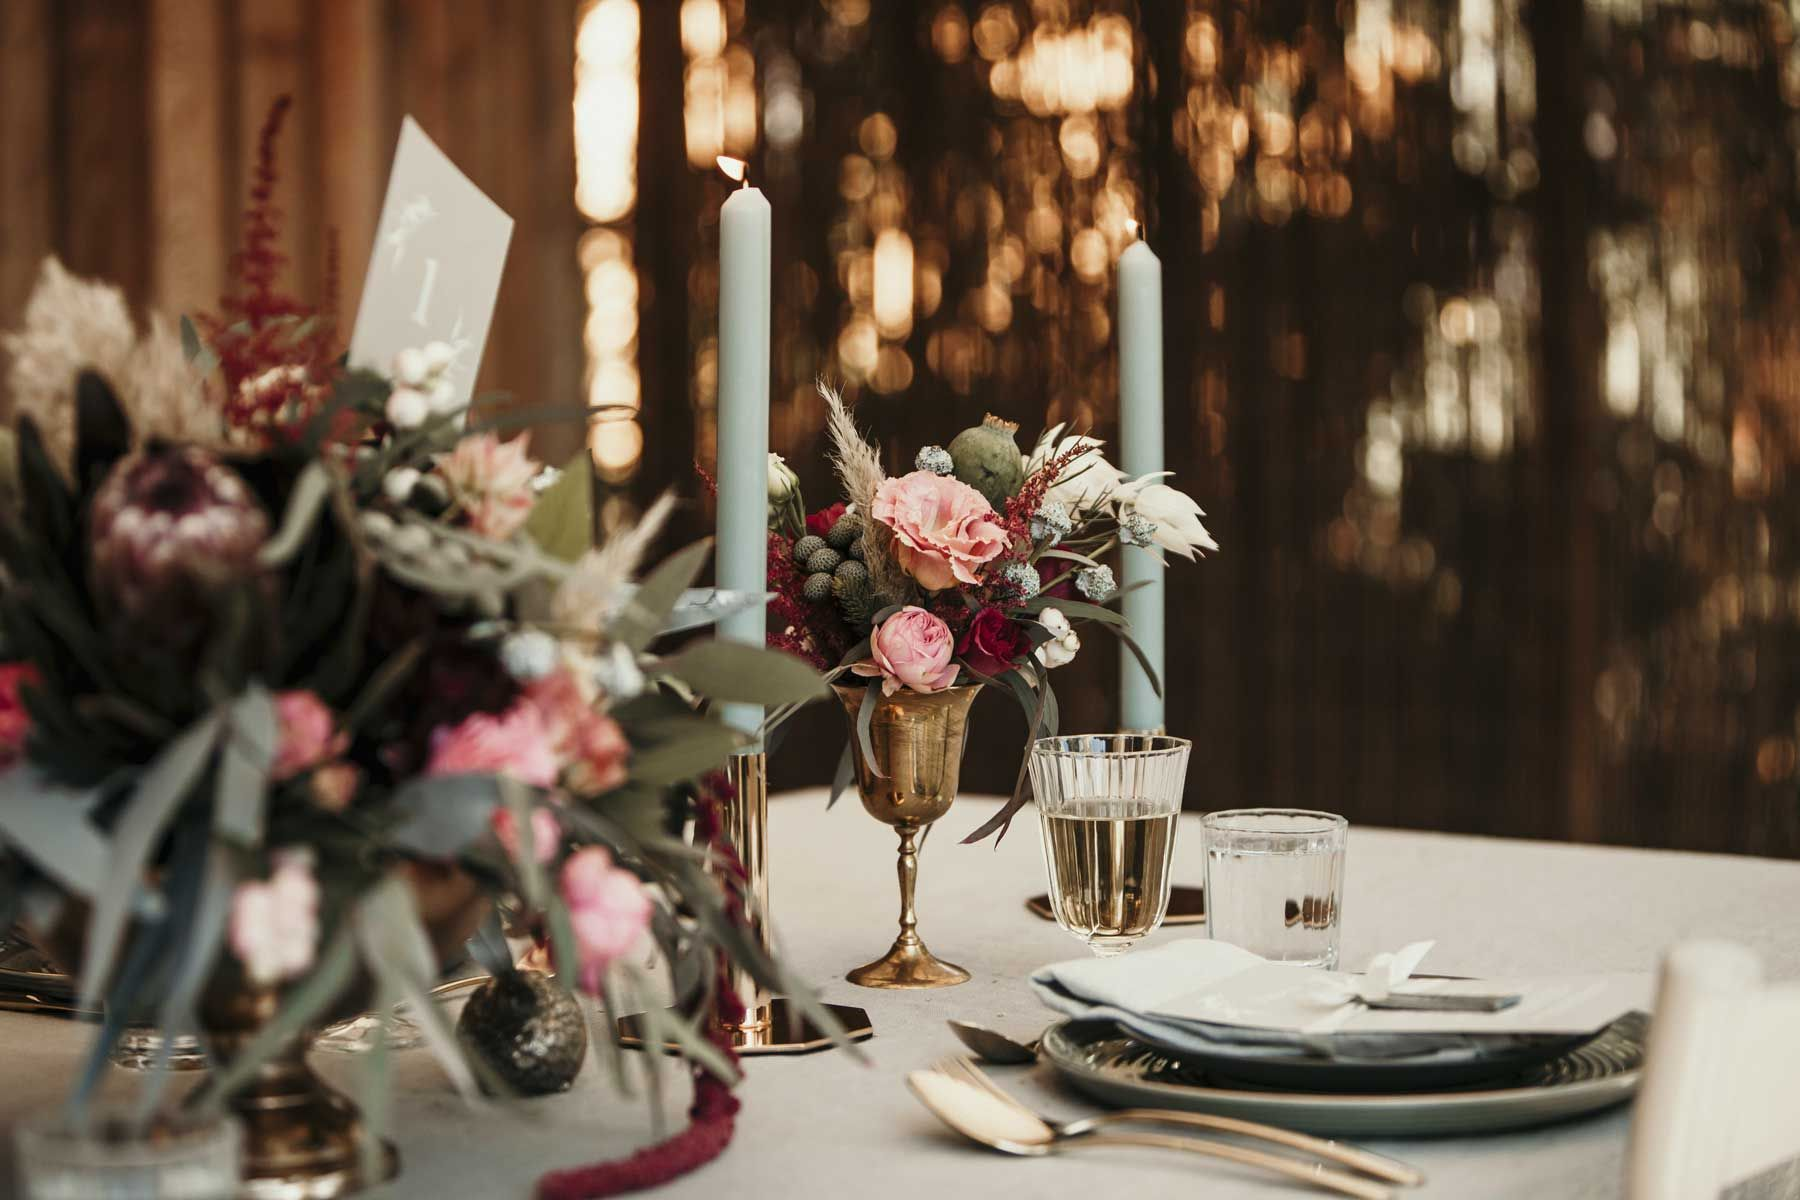 Hochzeit Dekoration Tischdekoration Hochzeit Dekoration Blumen Hochzeit Deko Hochezits Dekoration Hochzeit Hochzeitsdeko Hochzeitsdekoration Hochzeit Deko